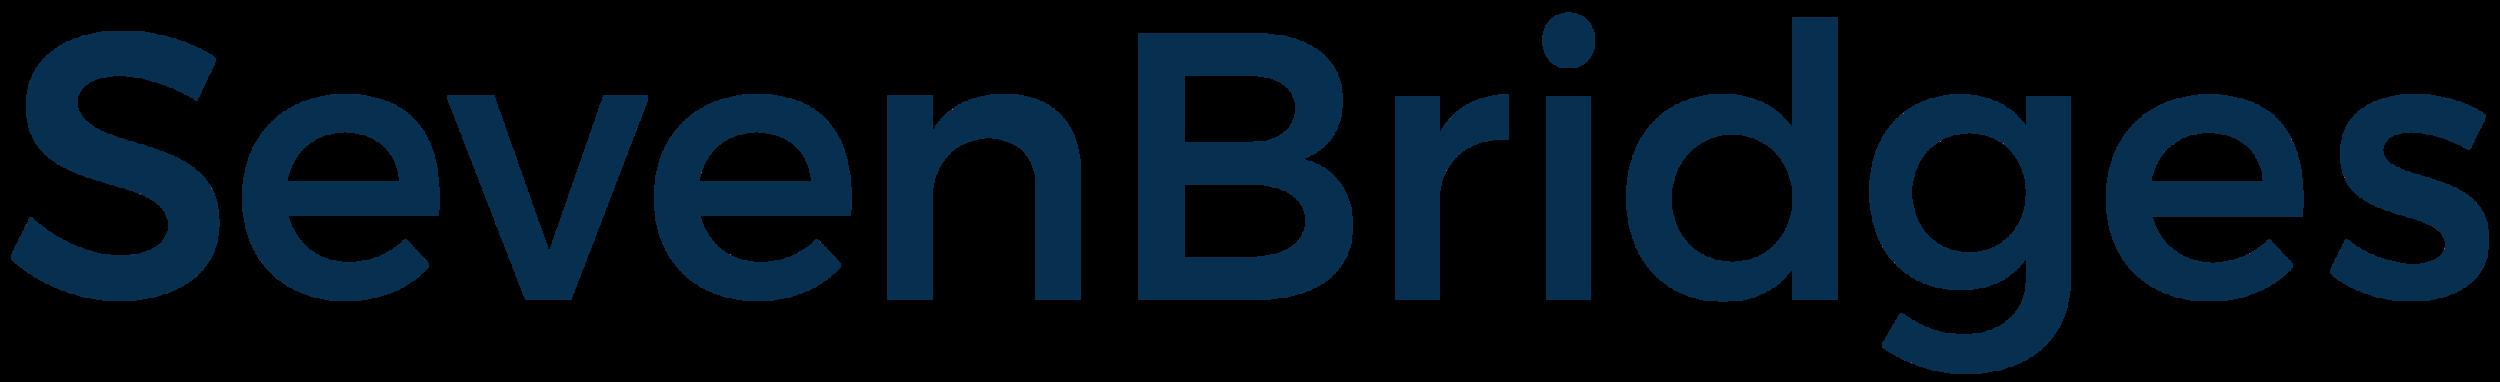 Seven Bridges logo.png